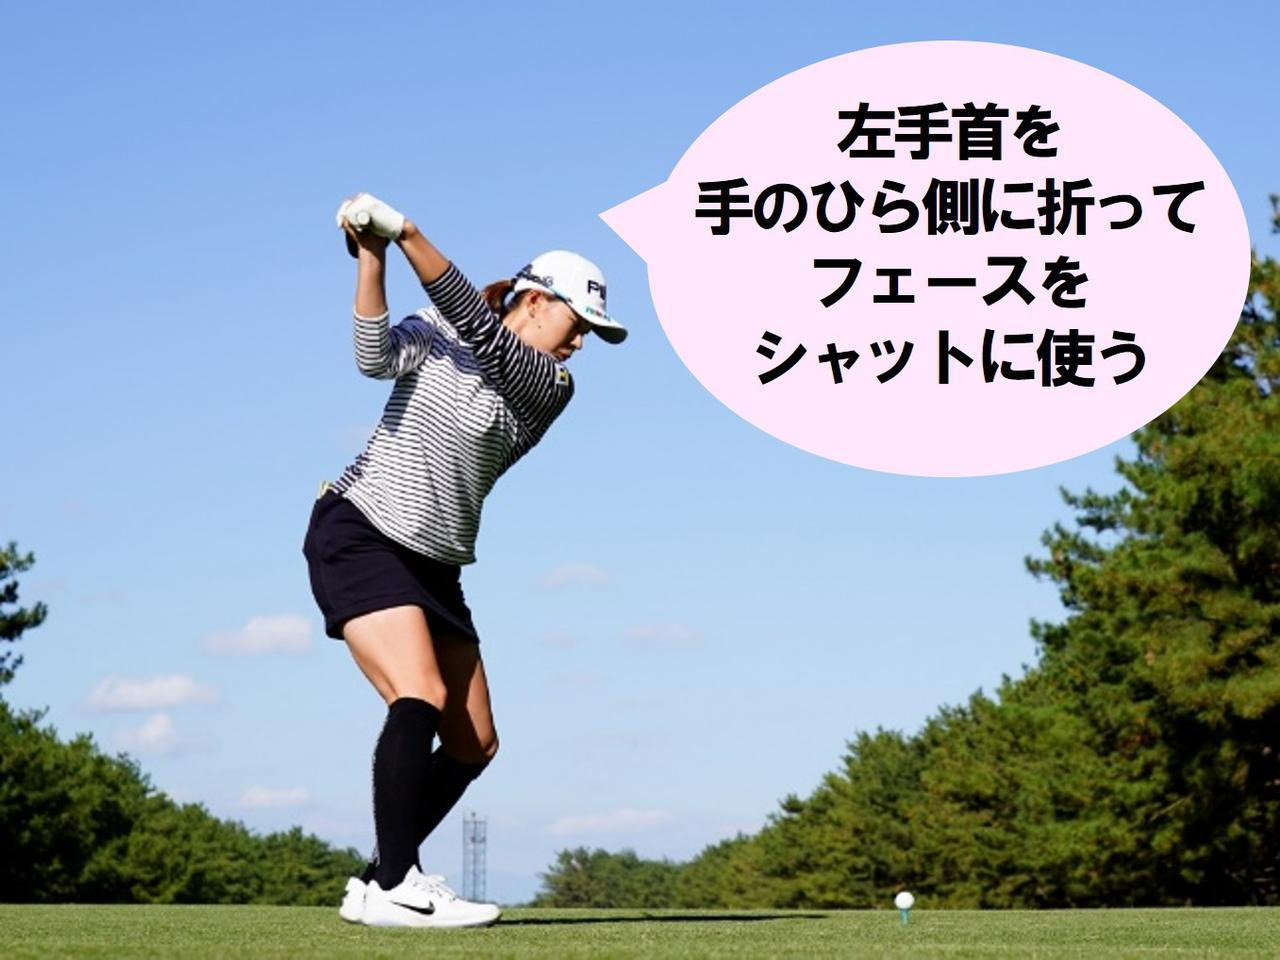 画像9: 【渋野日向子】小さな動きで最大パワーと最速スピード。これぞ令和のアスレチックスウィング!